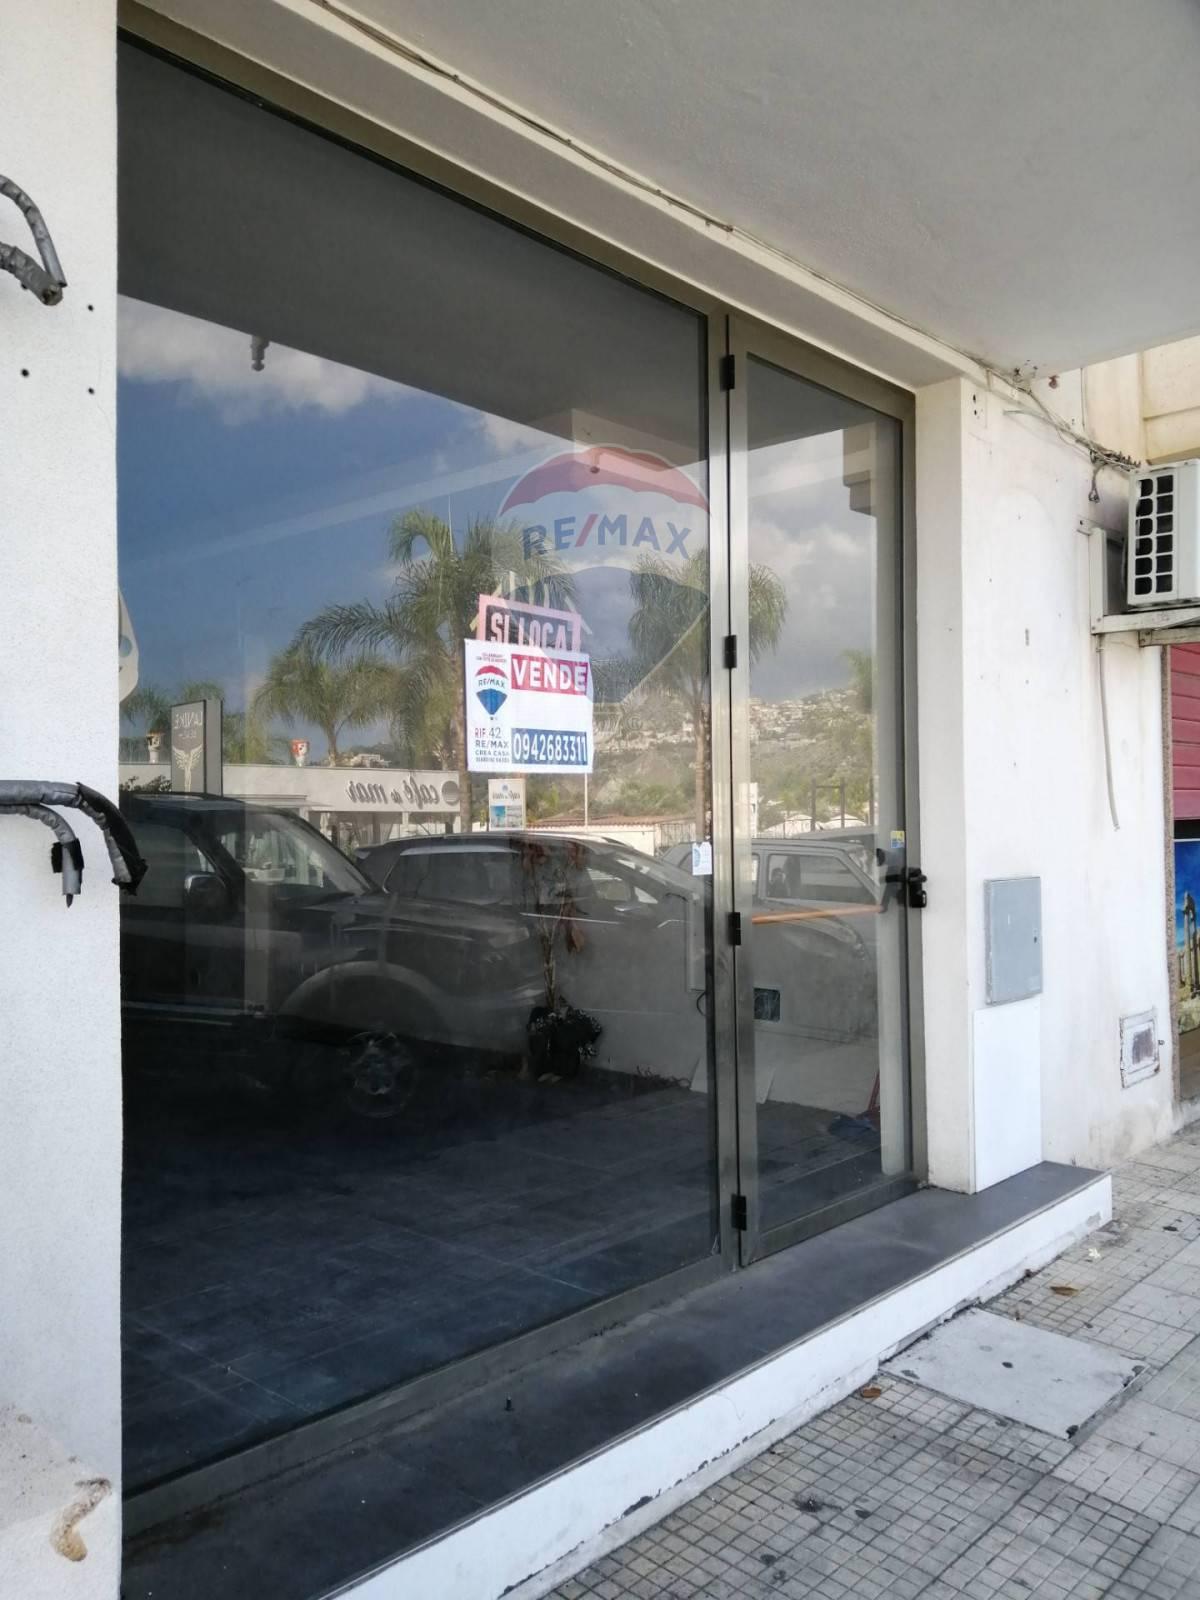 Negozio / Locale in vendita a Giardini-Naxos, 9999 locali, prezzo € 330.000   CambioCasa.it